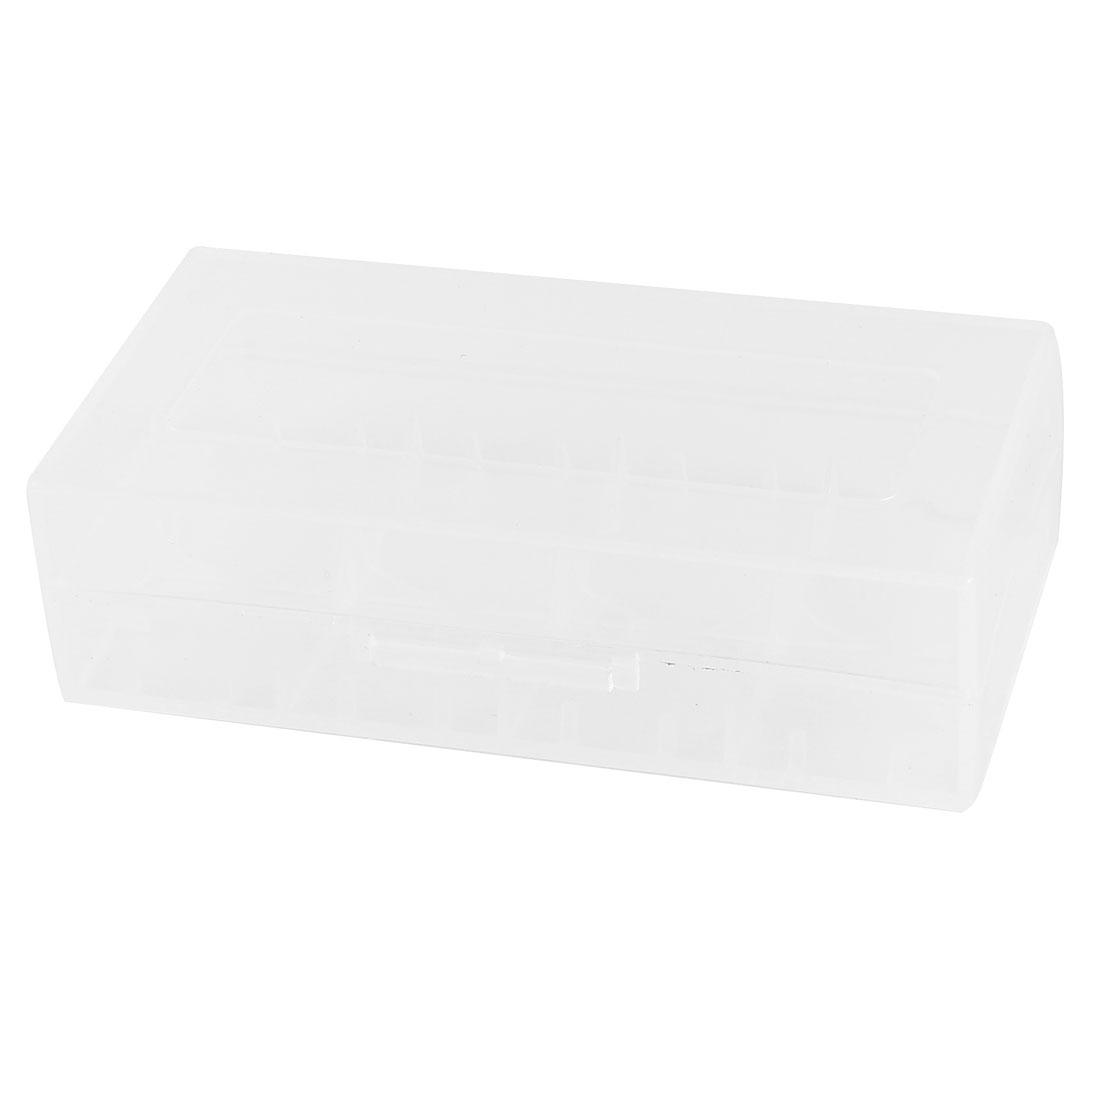 Plastic 8 Compartments Rectangle Jewelry Mini Storage Box Case Clear White